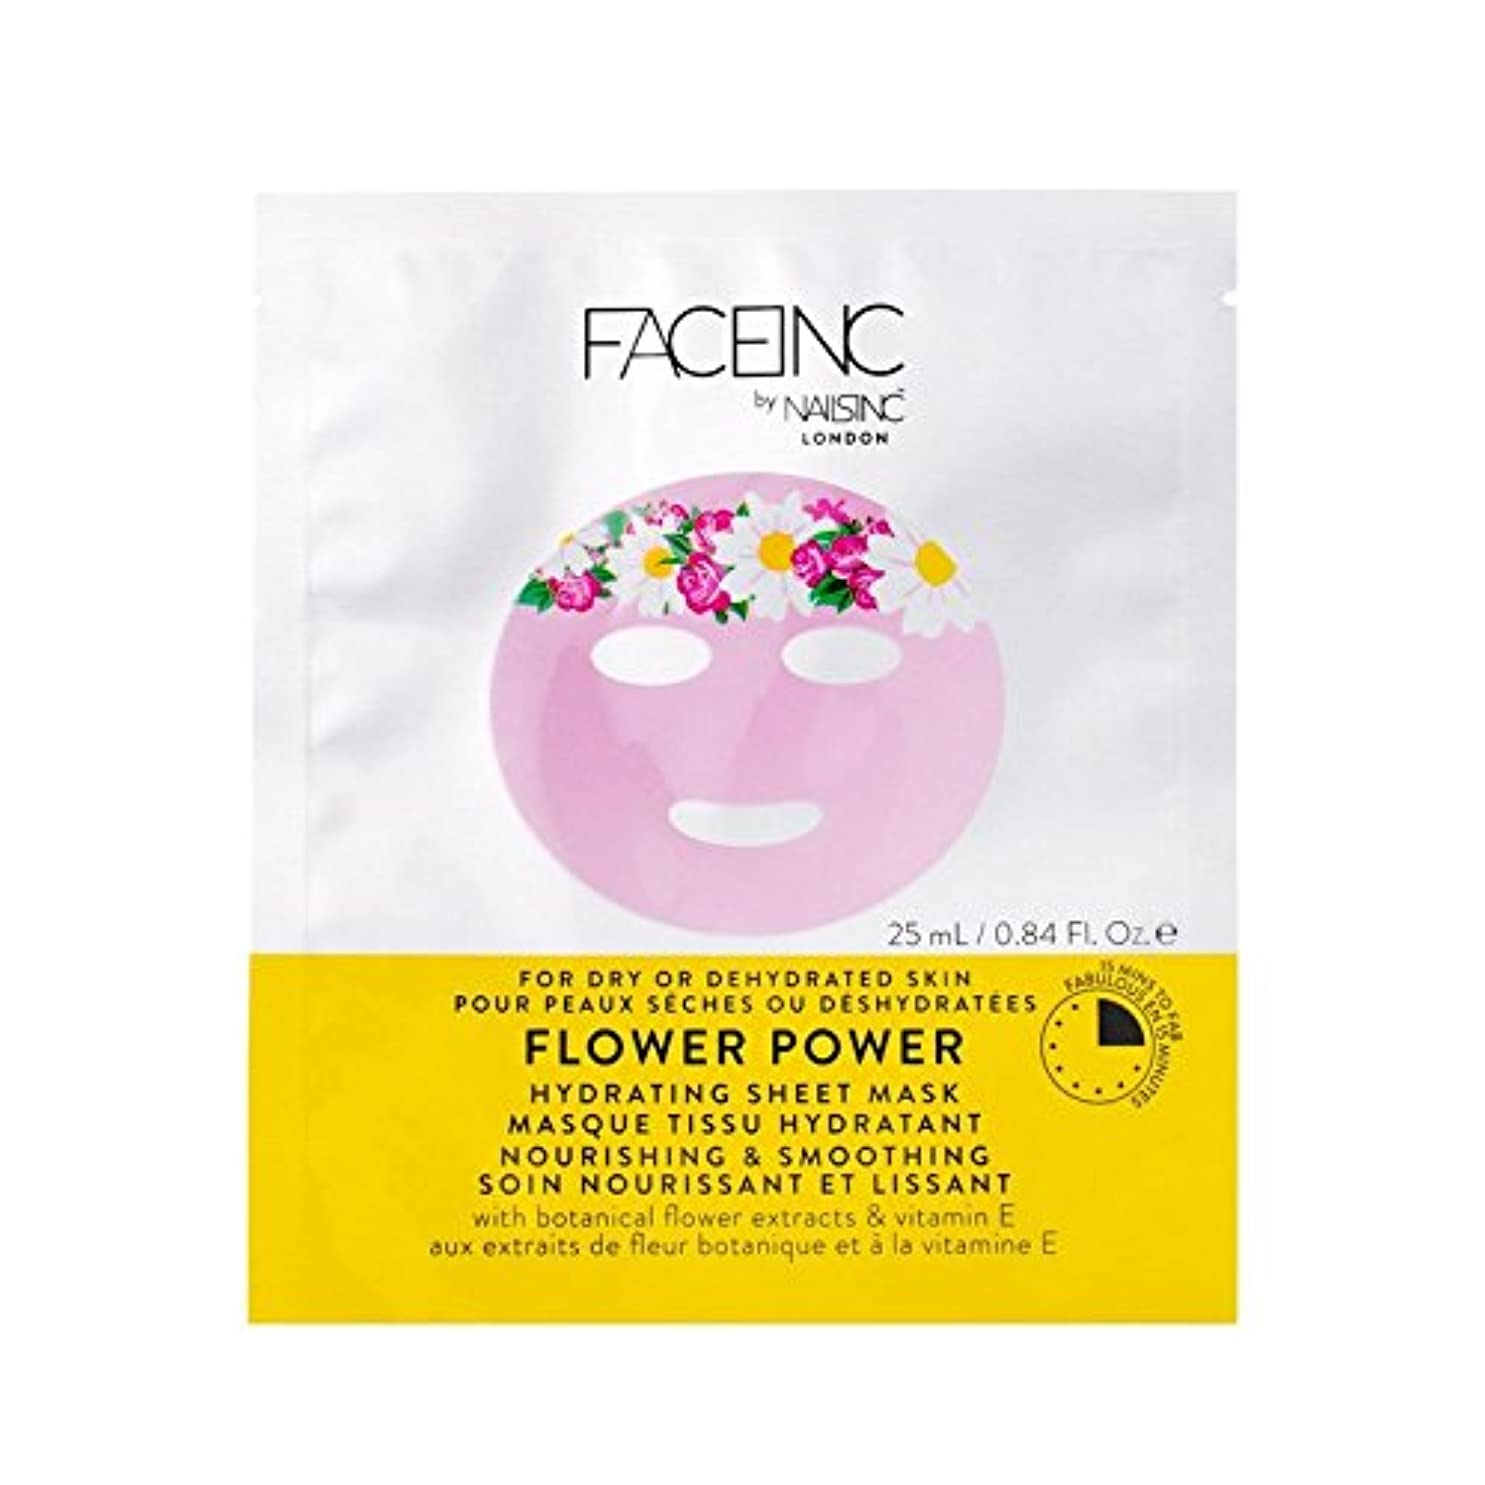 価格バンガロー情熱爪が株式会社顔株式会社花のパワーマスク x4 - Nails Inc. Face Inc Flower Power Mask (Pack of 4) [並行輸入品]